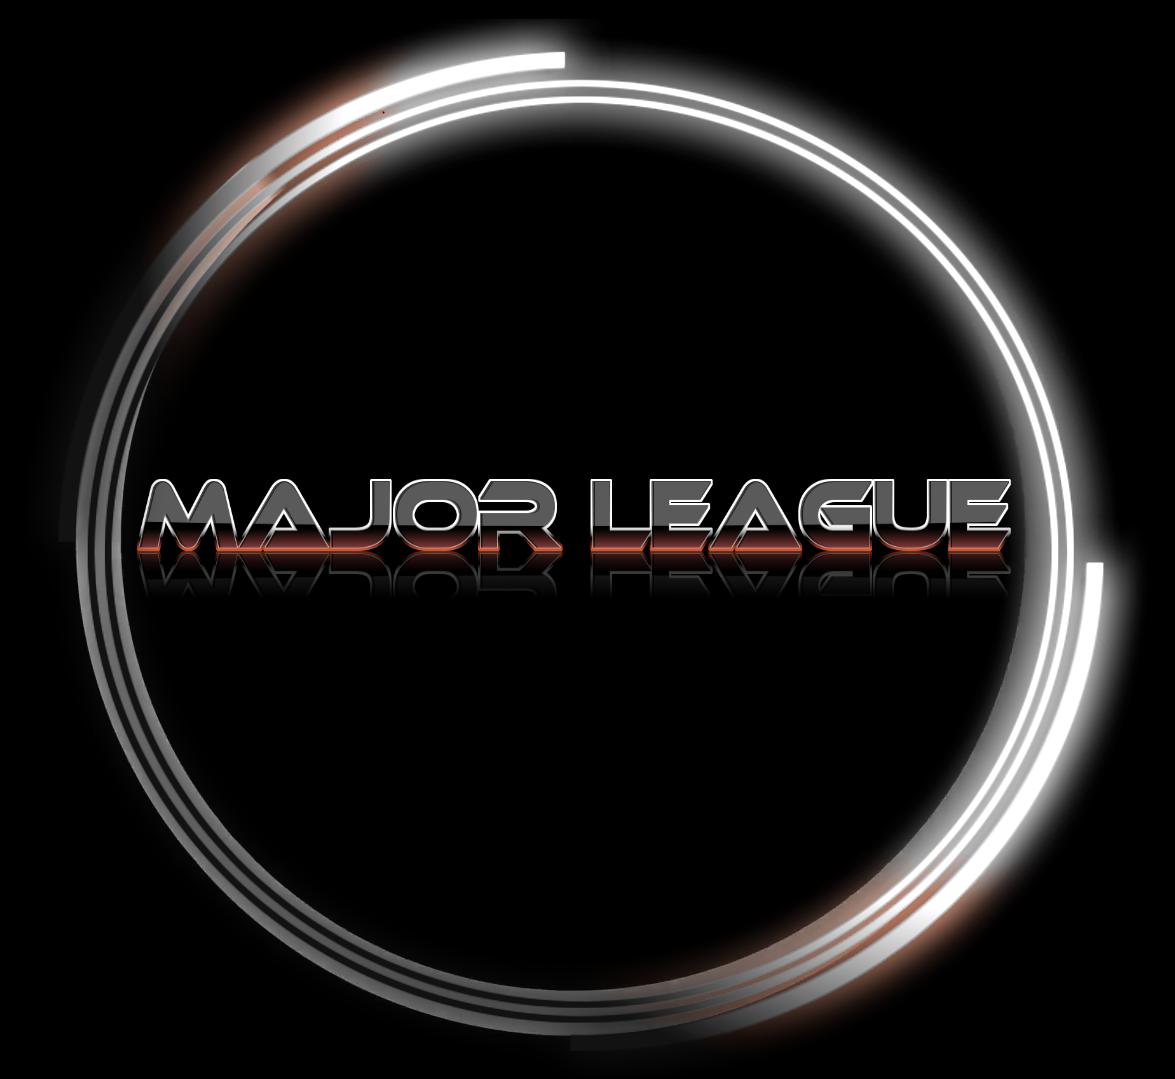 League Tournament blir Major League